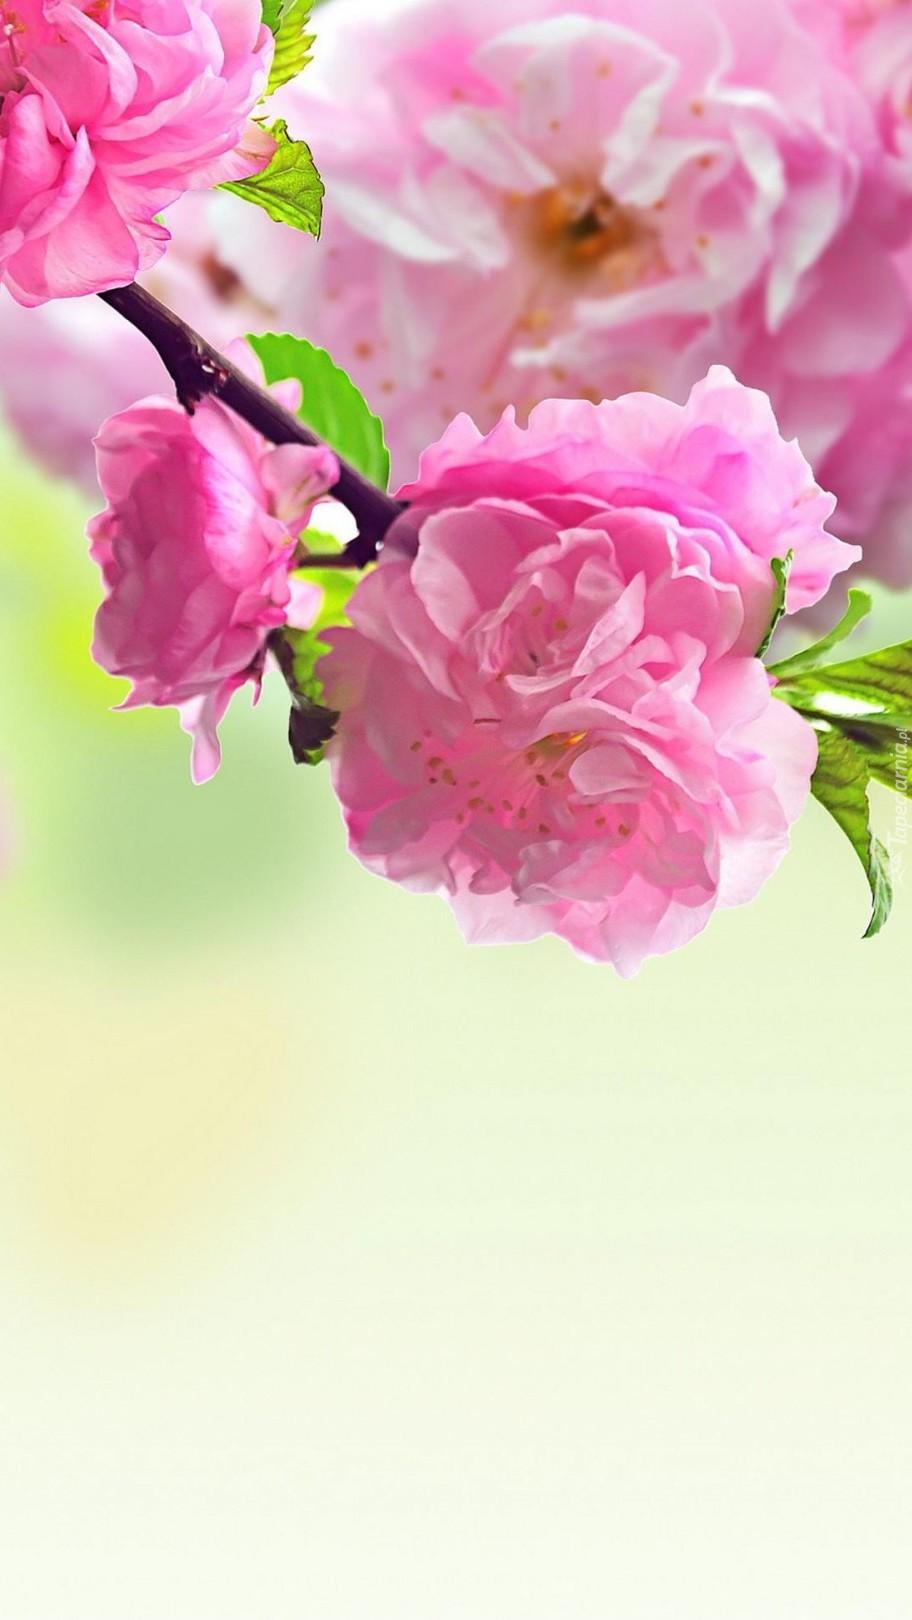 Kwiaty migdałka na gałązce